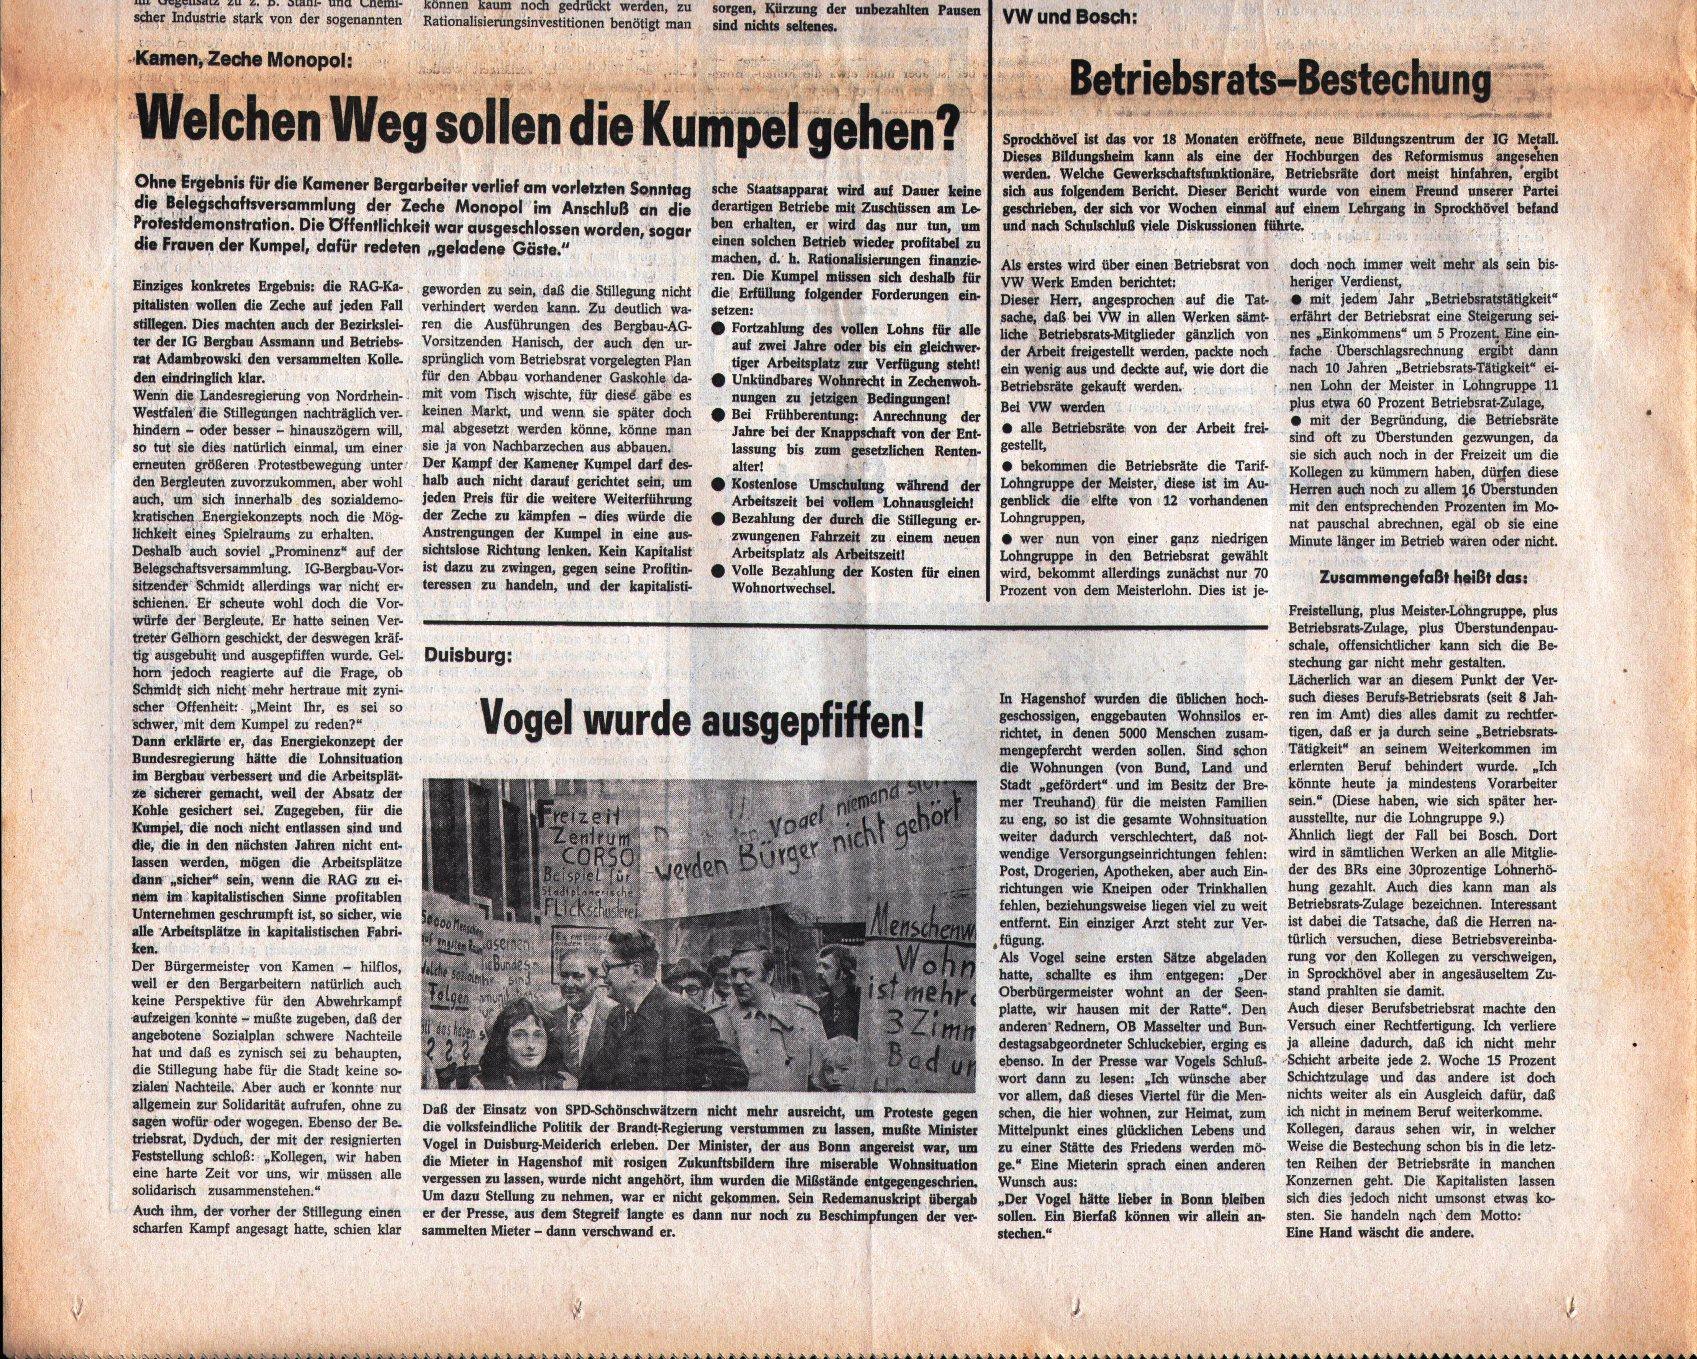 KPD_Rote_Fahne_1973_48_08